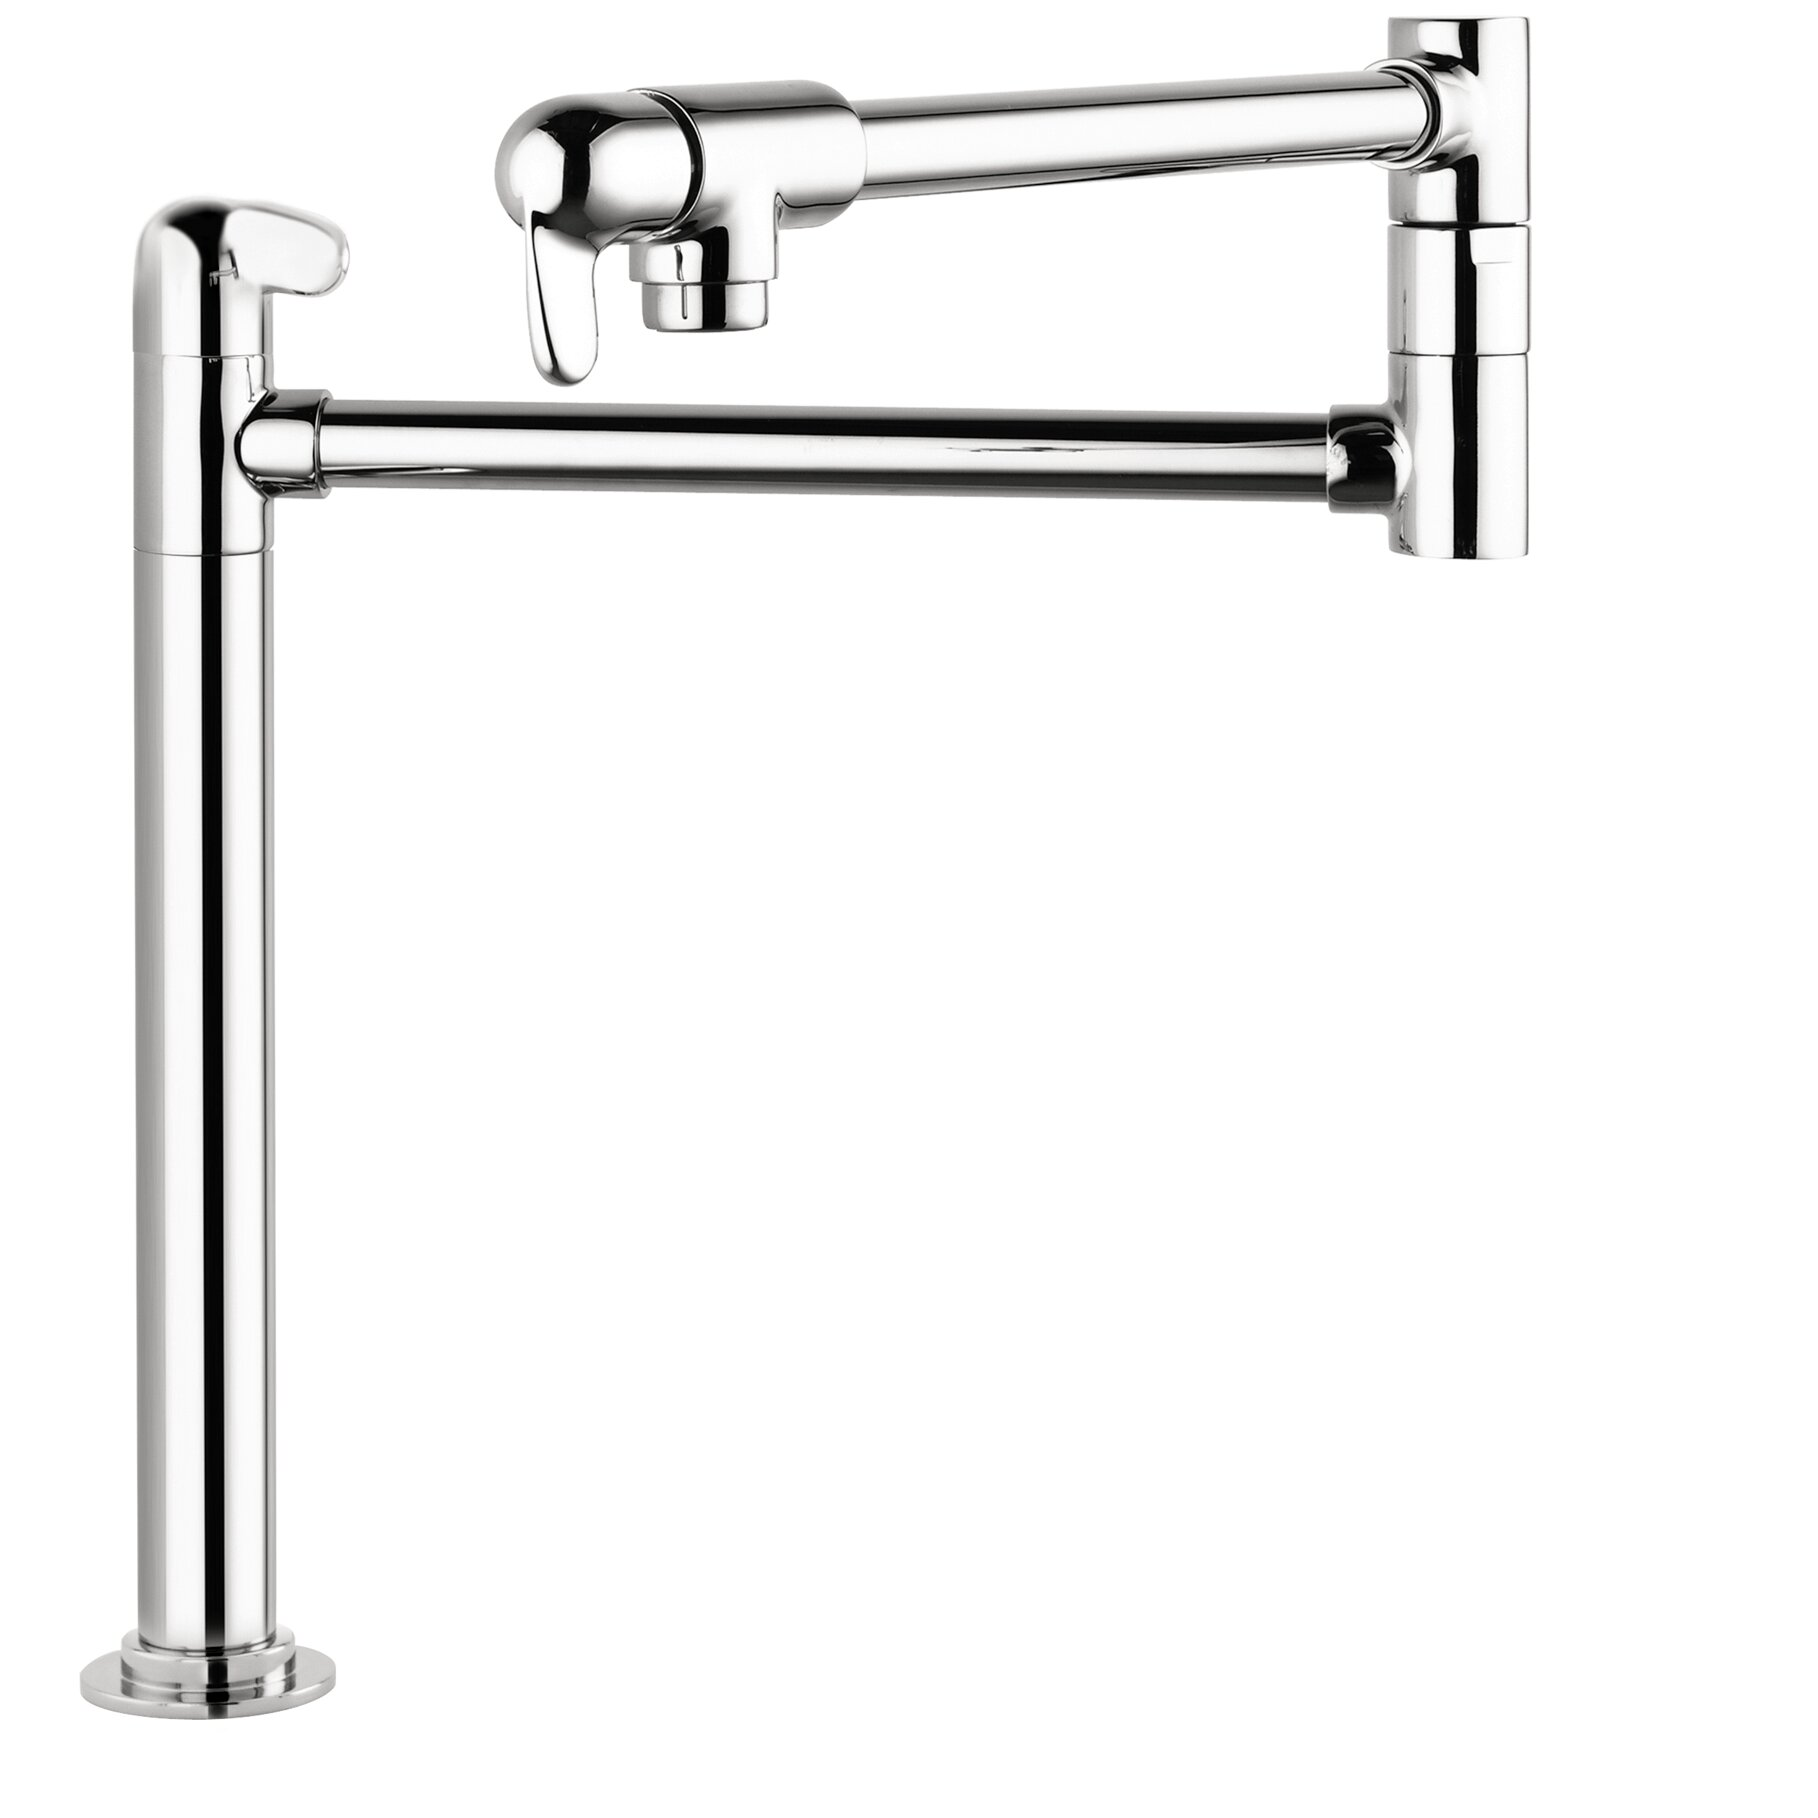 Allegro E Single Handle Deck Mounted Pot Filler Faucet